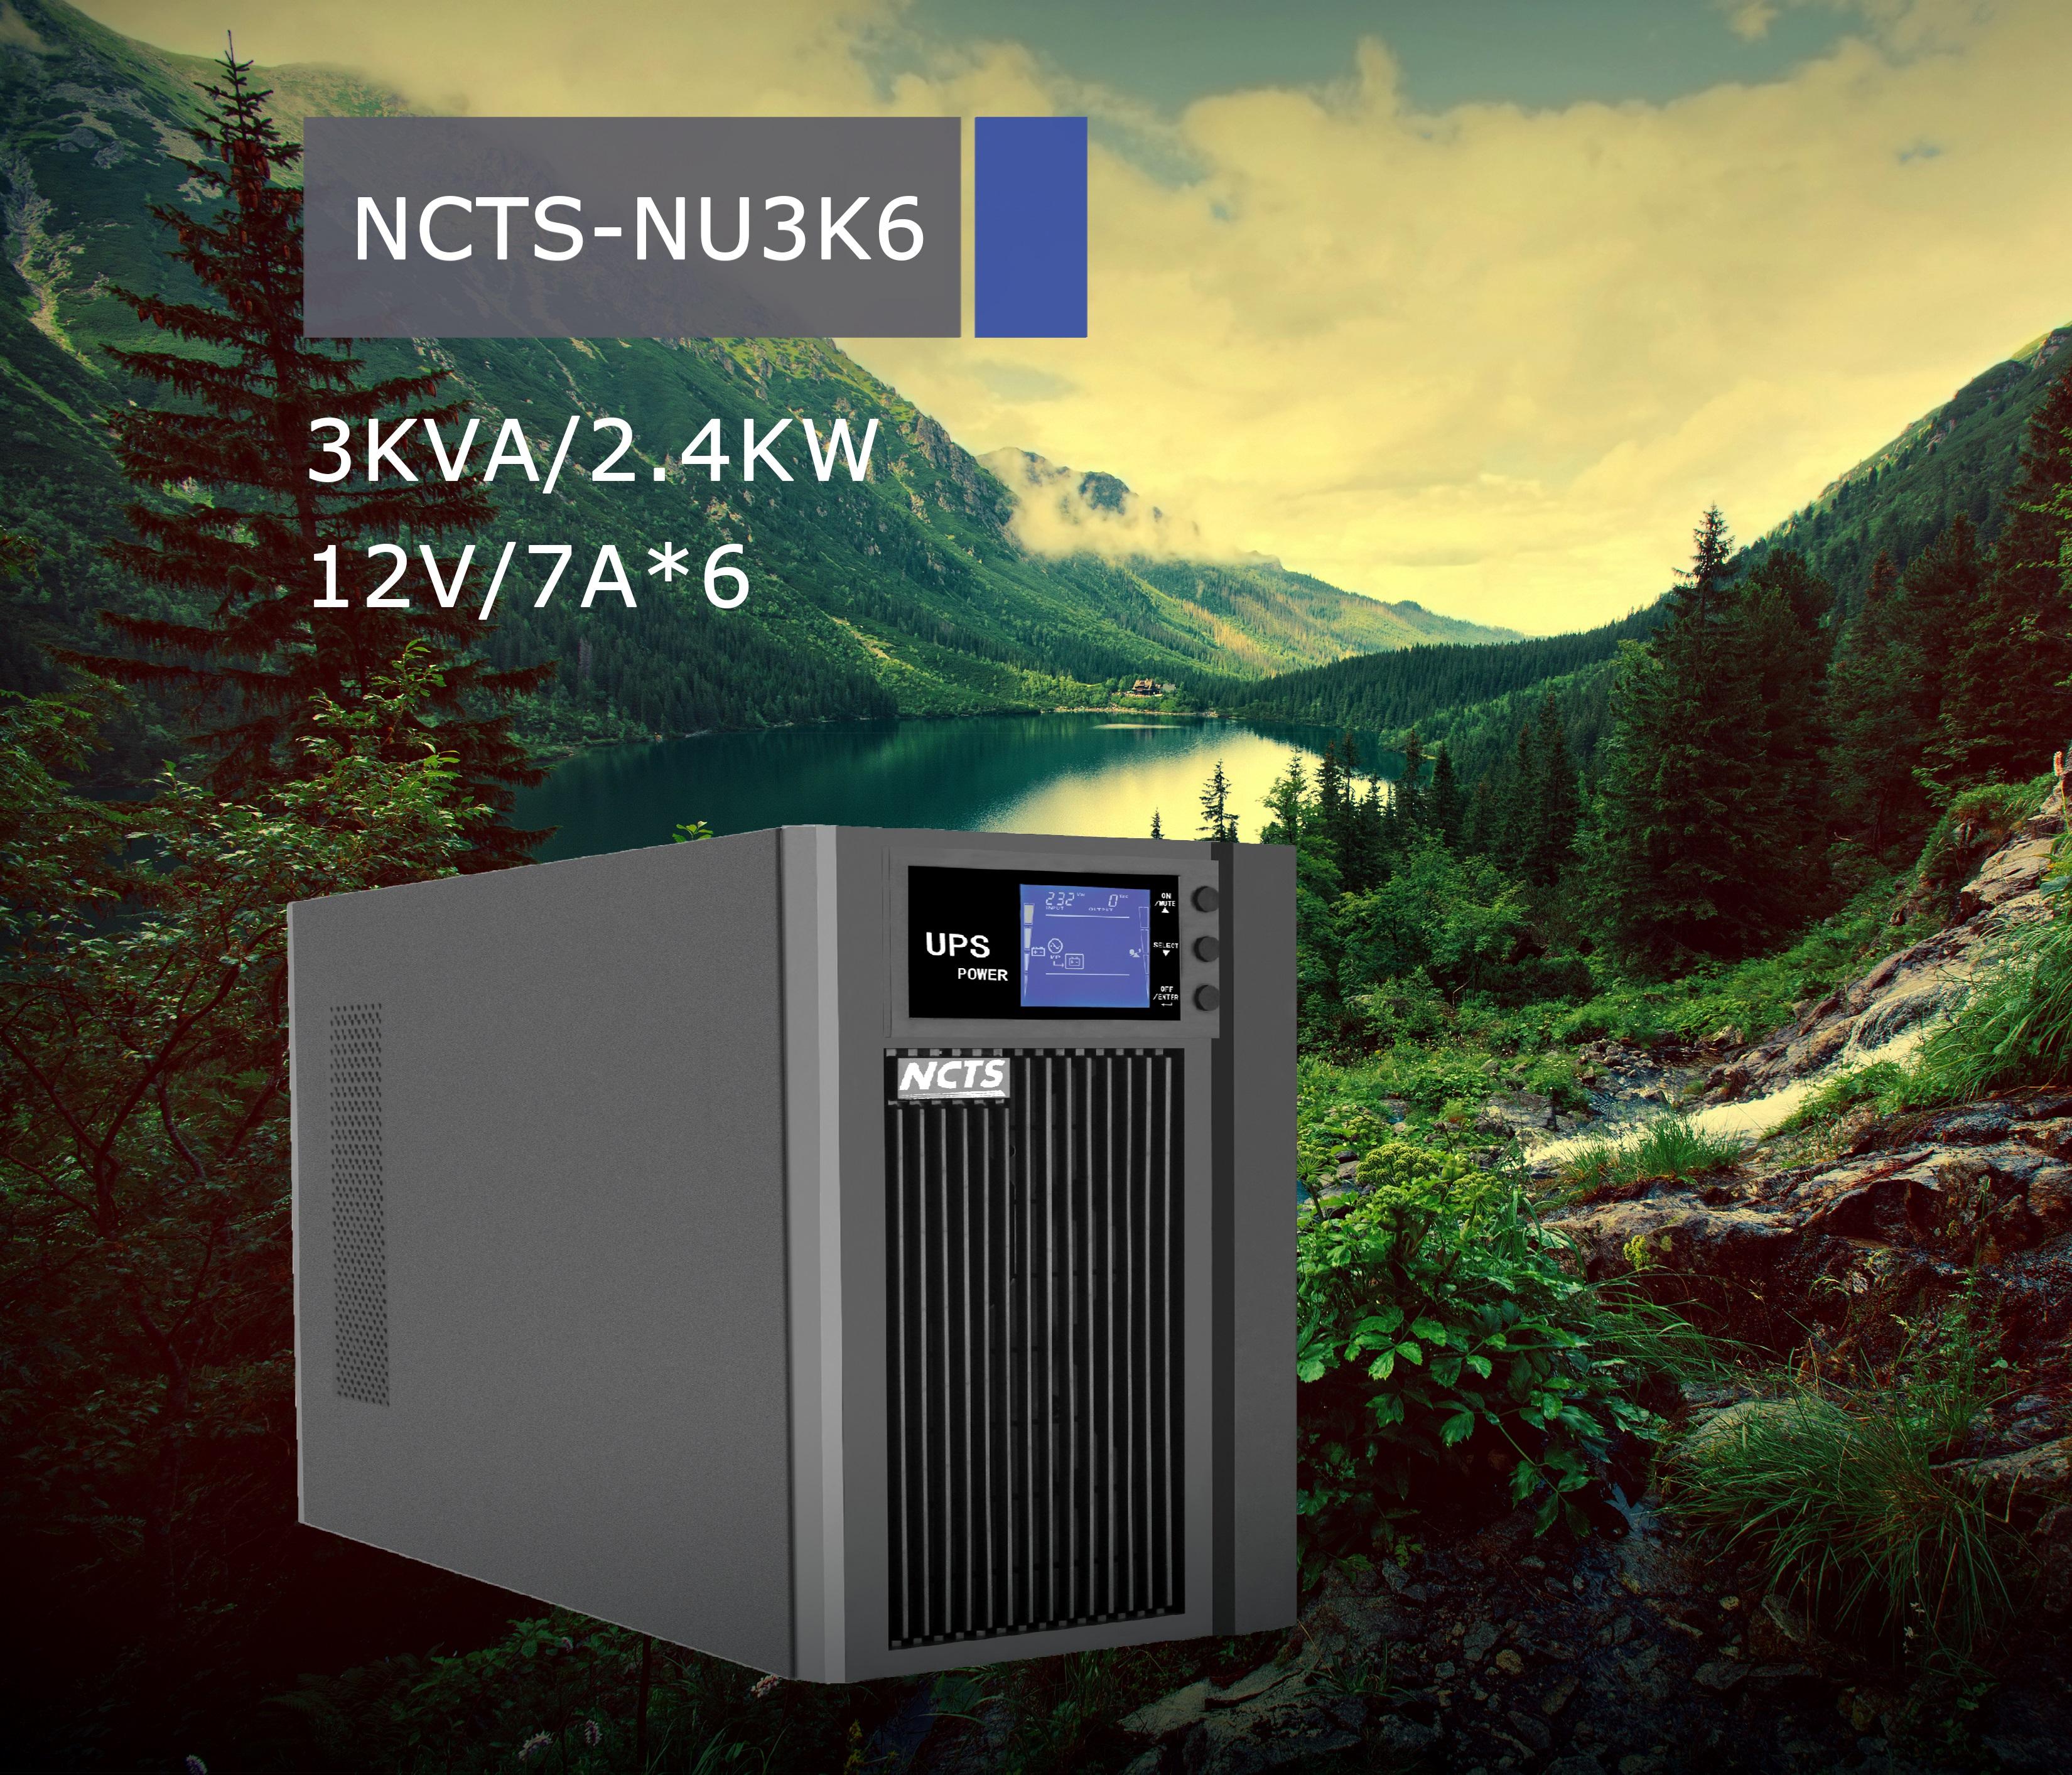 NCTS ONLINE 3KVA UPS NU3K6